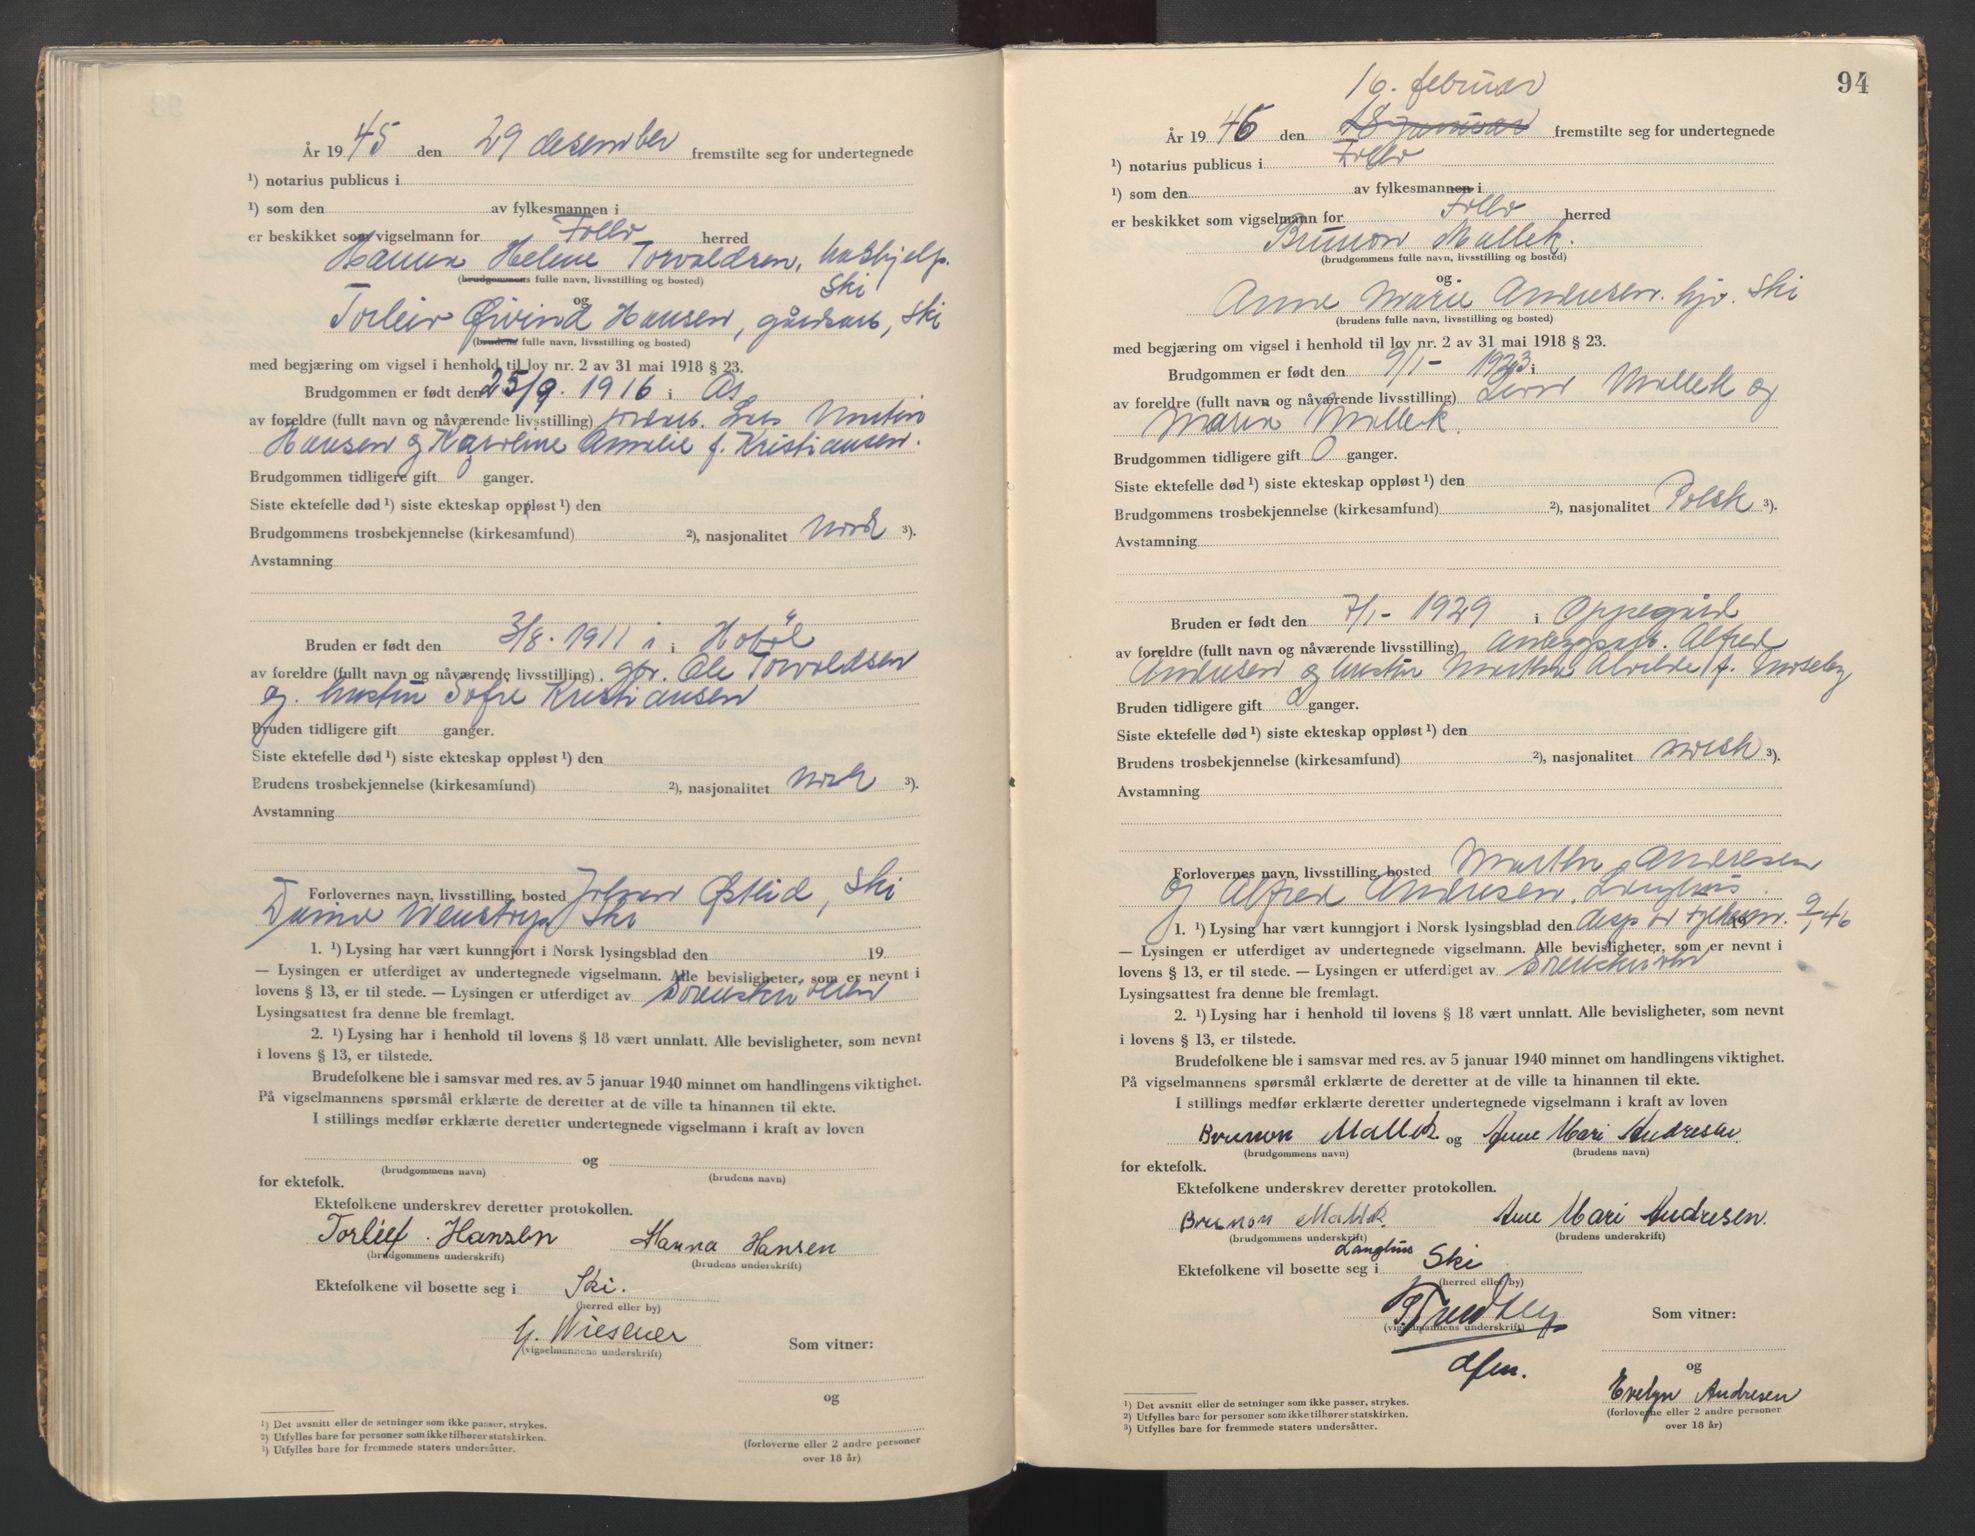 SAO, Follo sorenskriveri, L/La/Lab/L0002: Vigselsbok, 1942-1946, s. 94